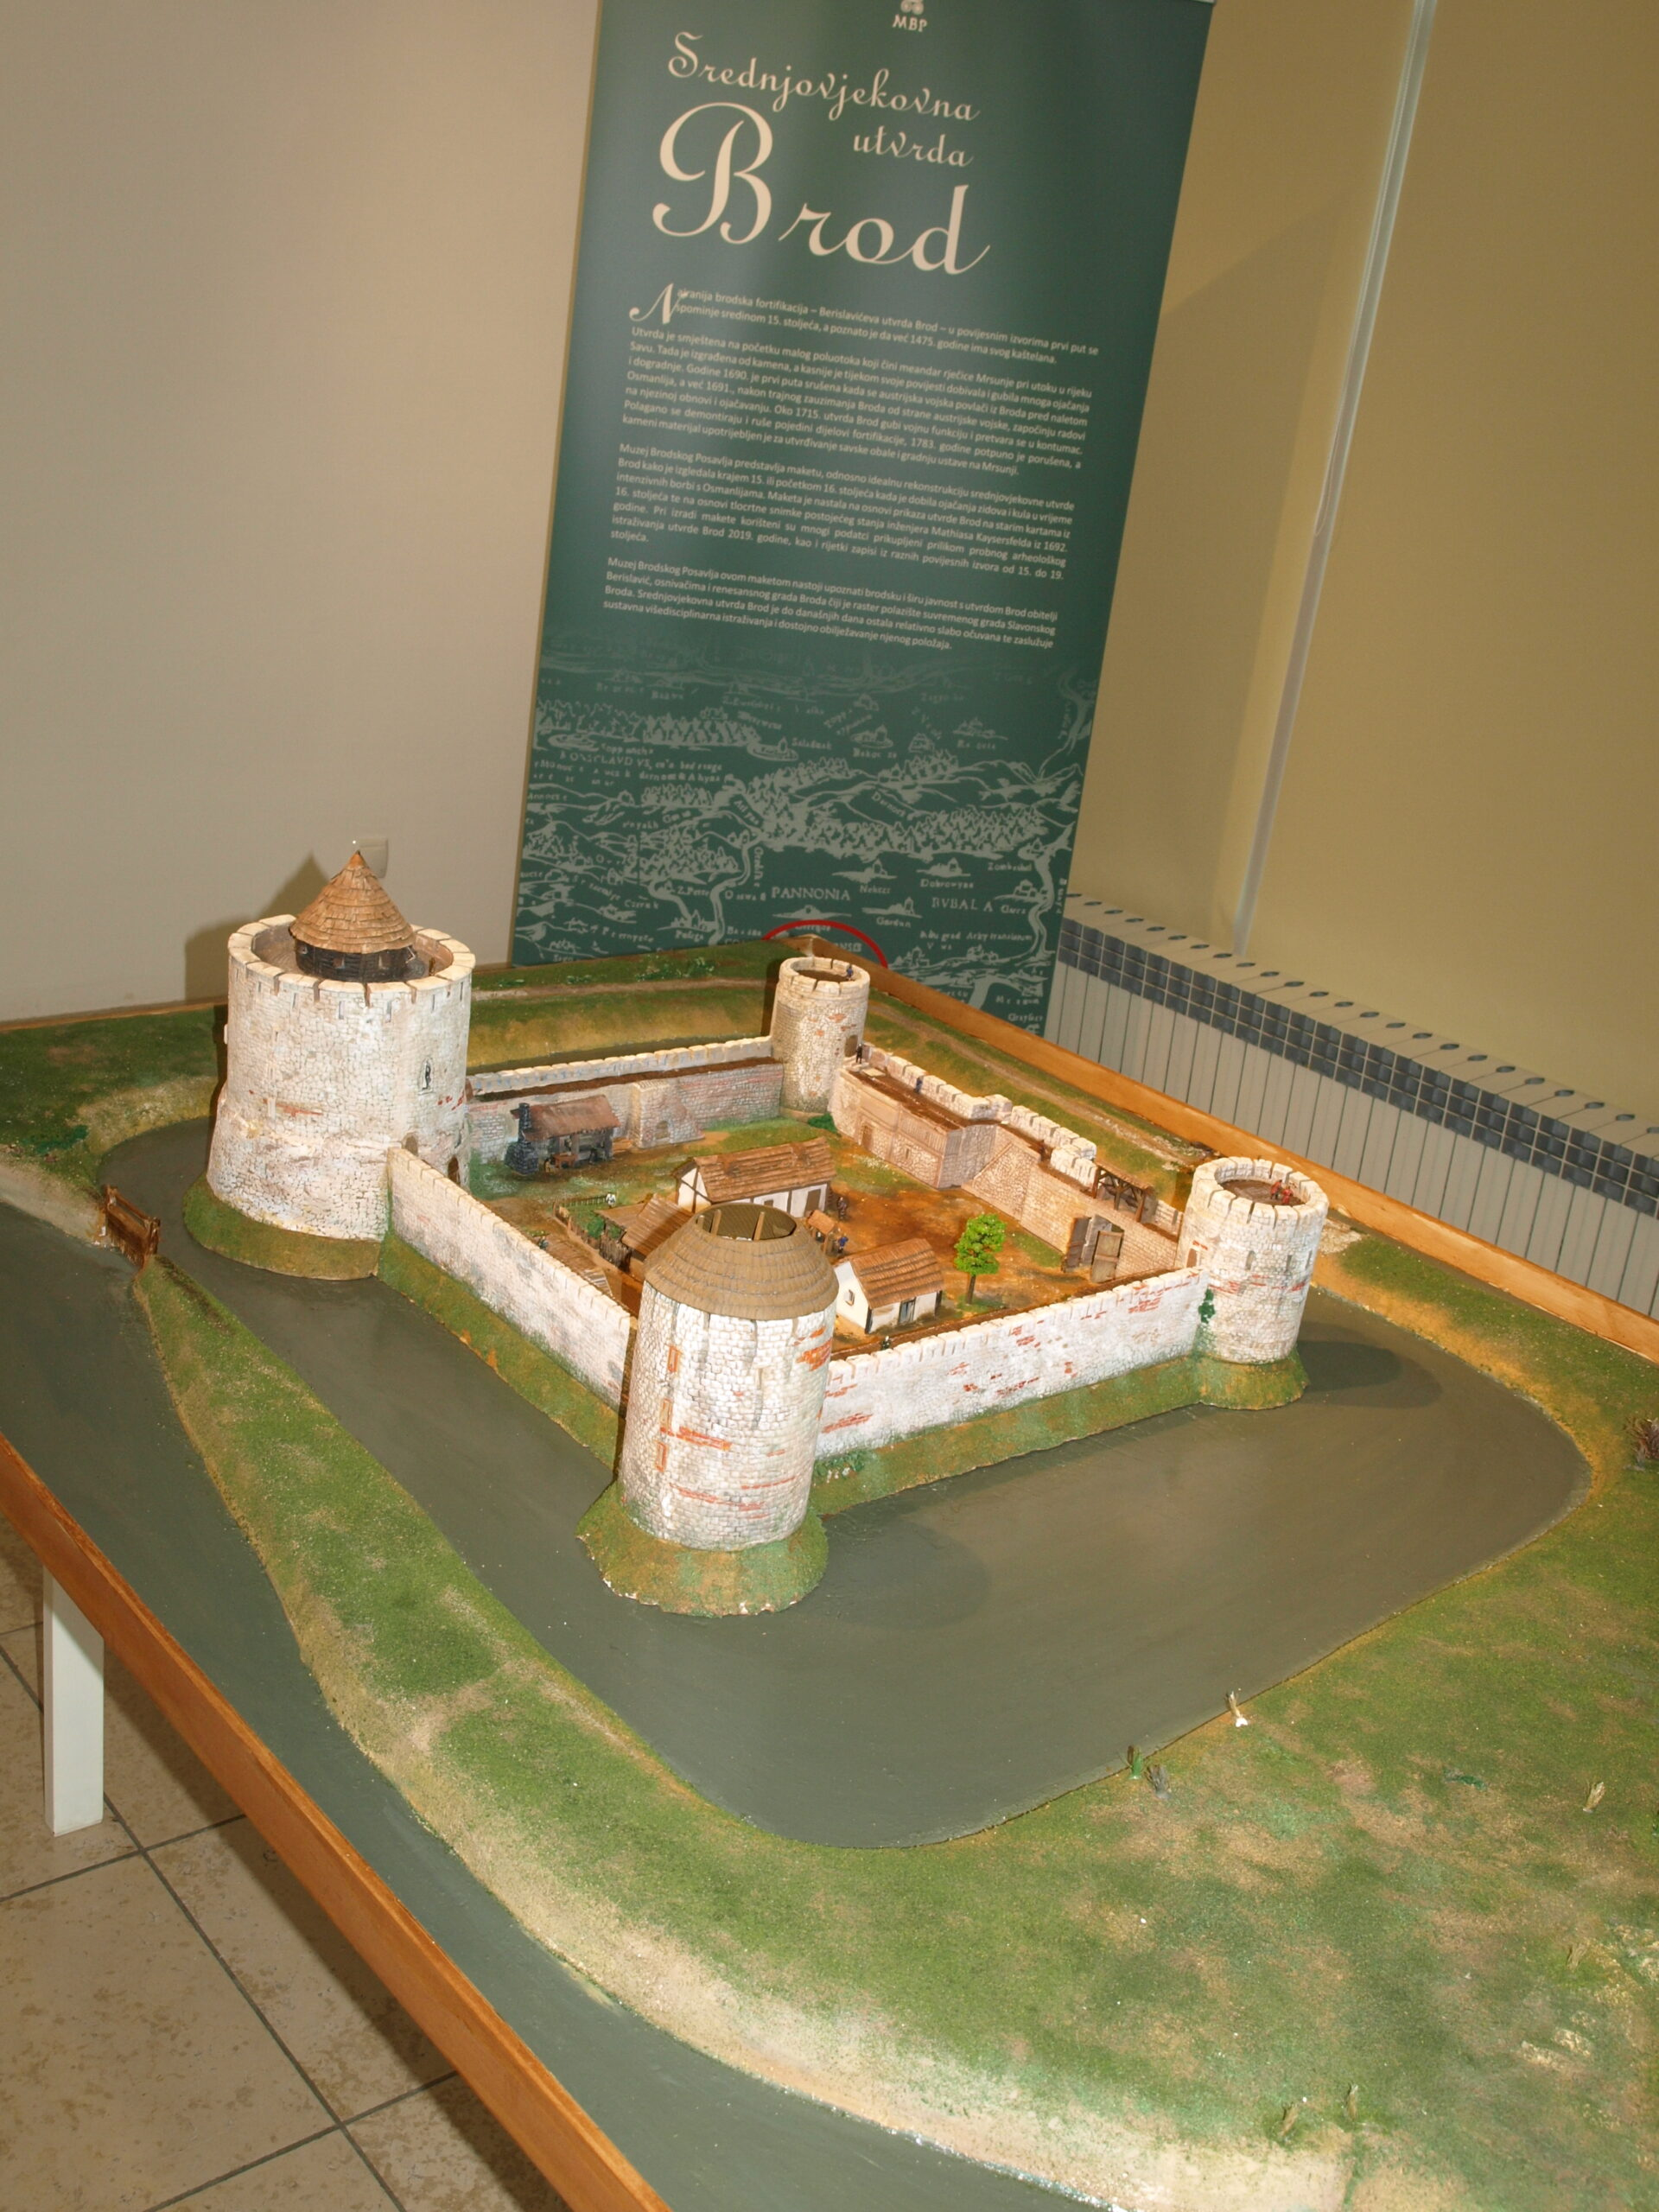 U Muzeju Brodskog Posavlja, uoči Dana grada Slavonskog Broda, predstavljena je maketa srednjovjekovne utvrde Brod.